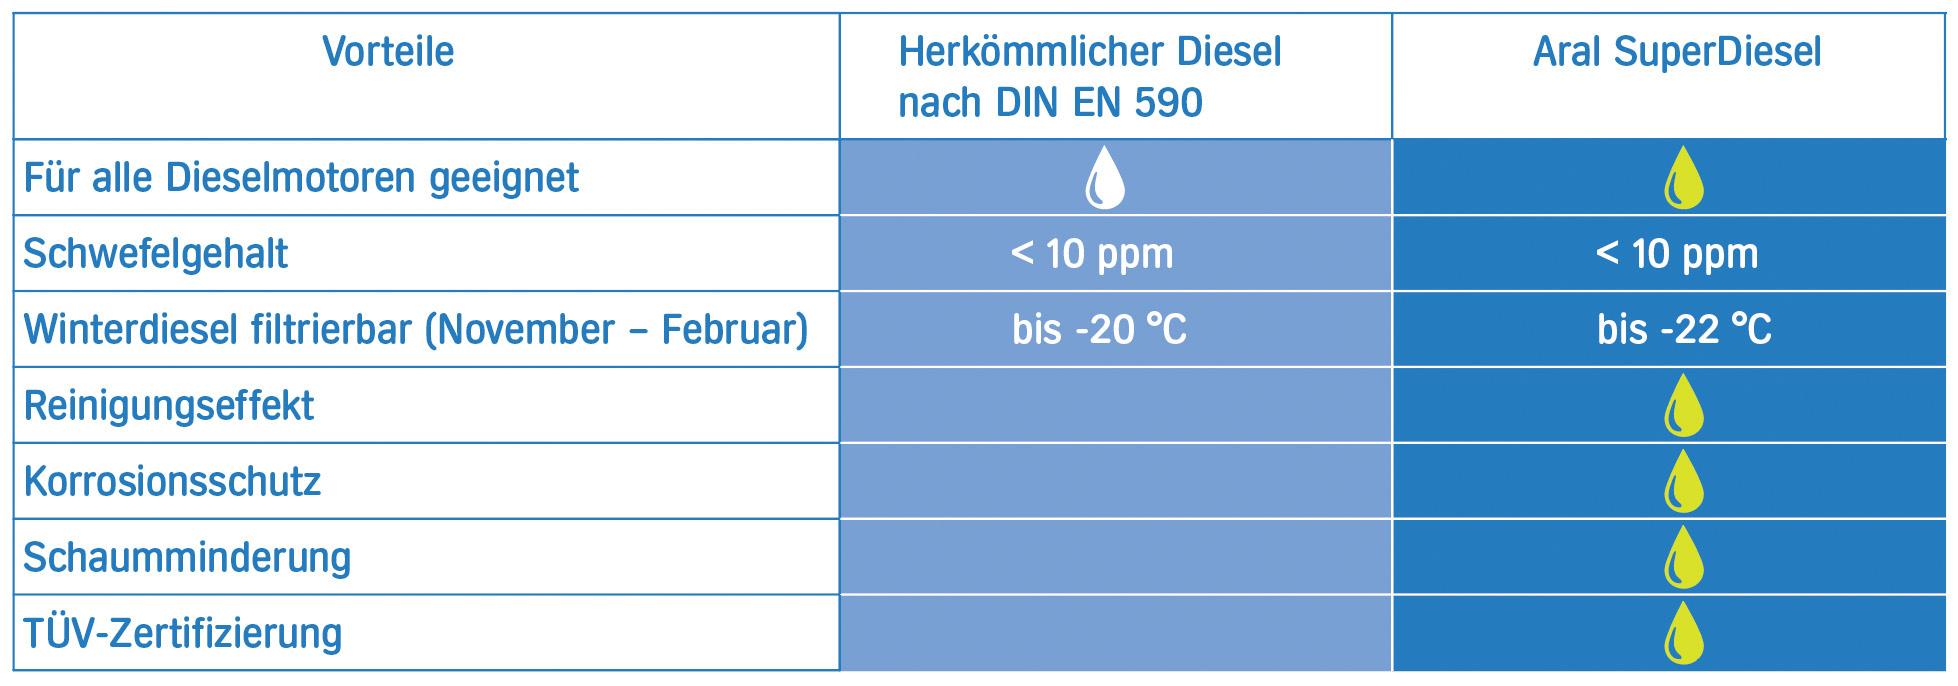 Aral Super Diesel im Überblick bei HEINRITZI Wärme & Energie